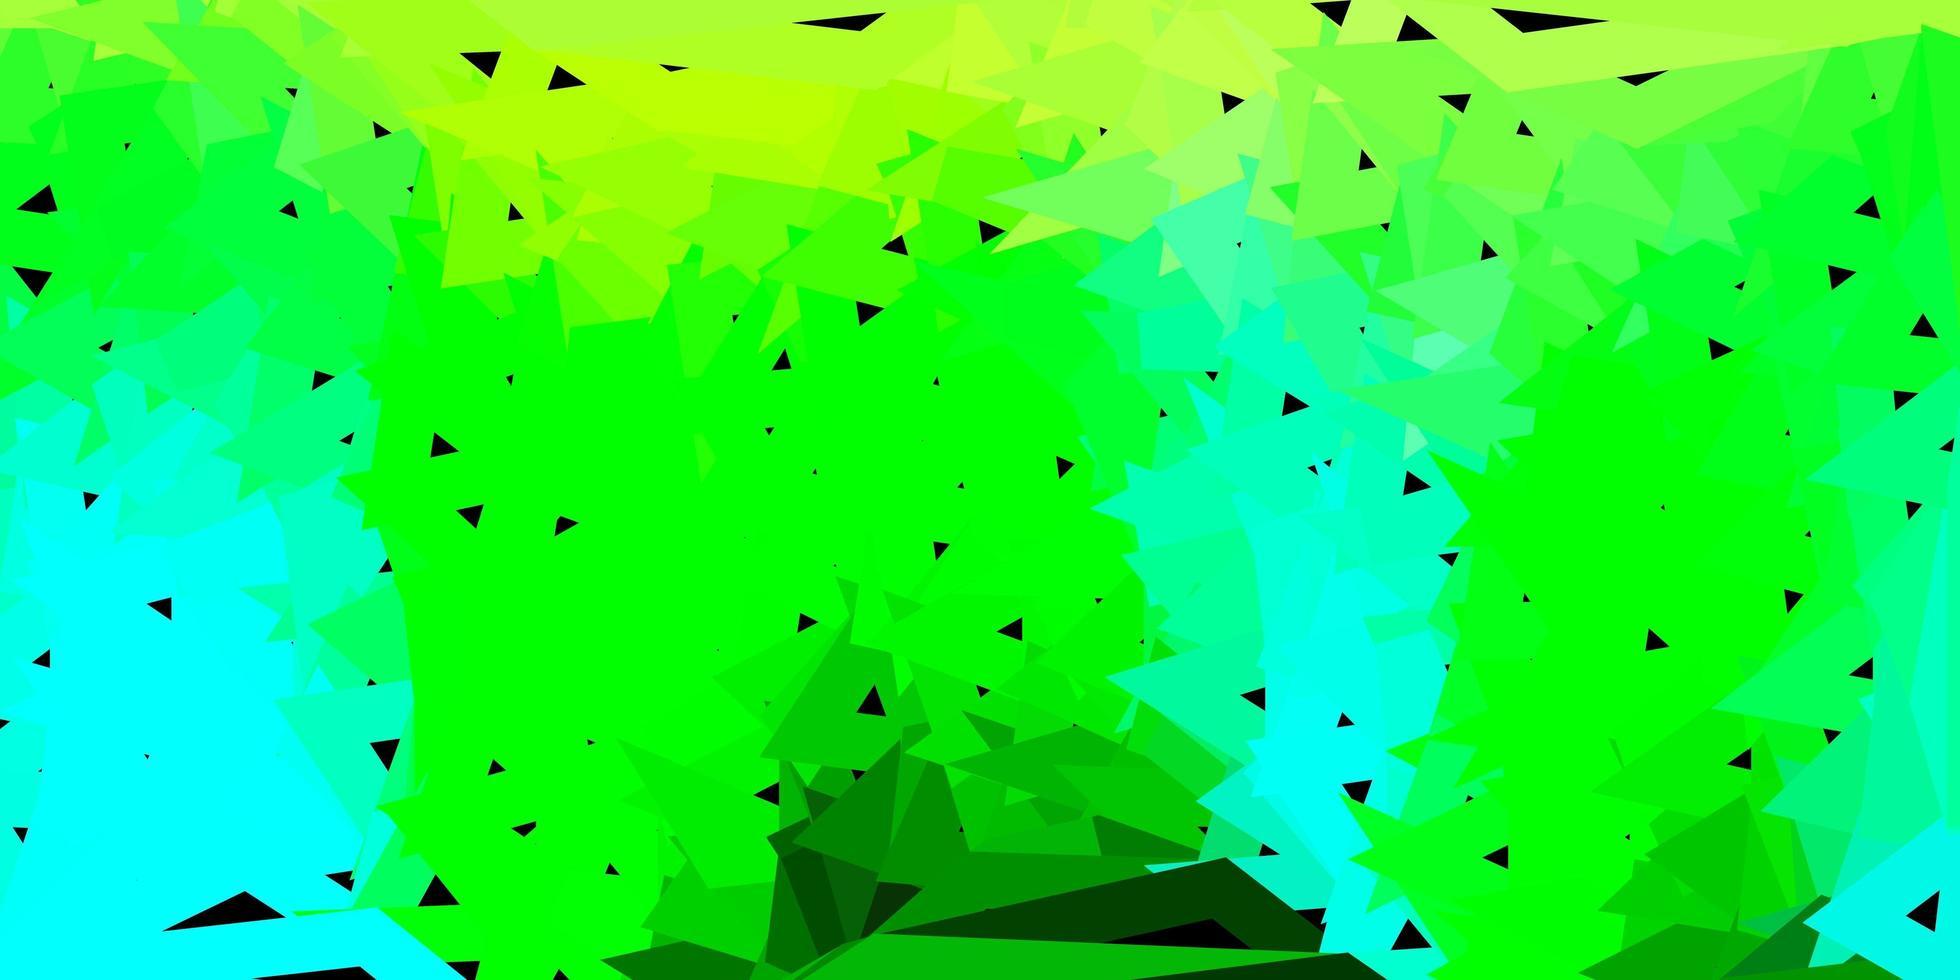 patrón poligonal de vector azul claro, verde.